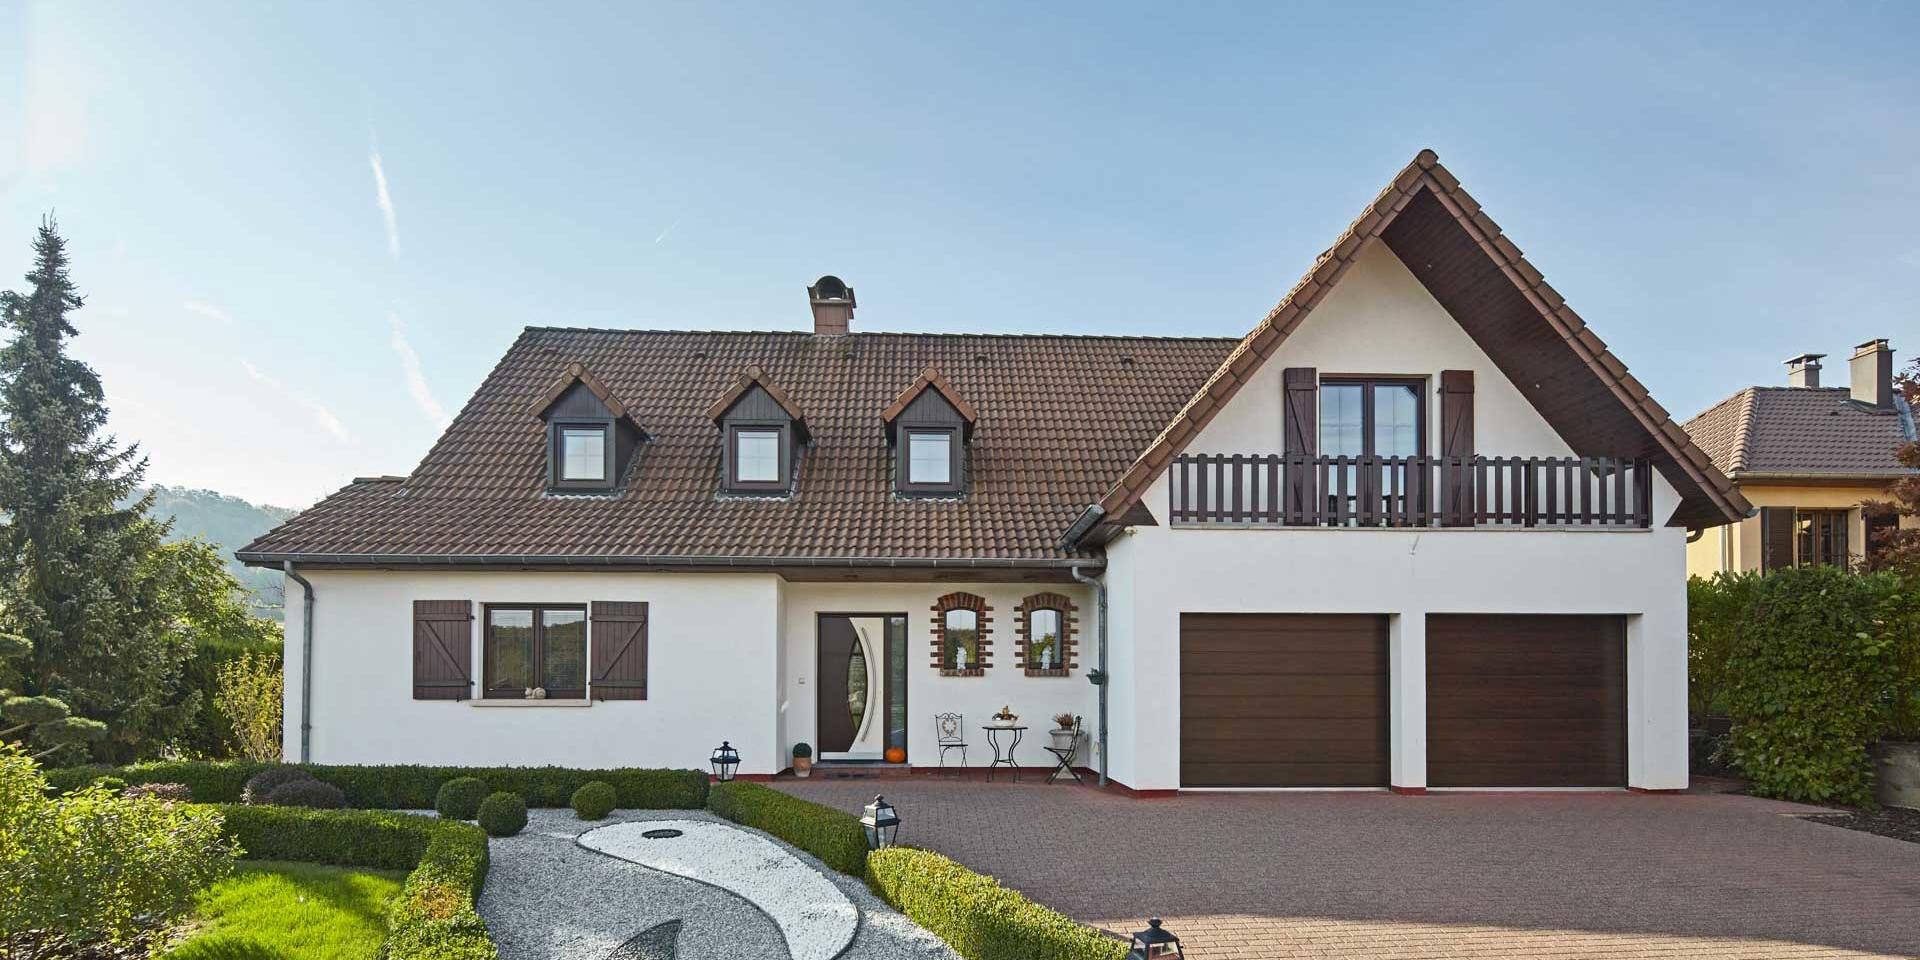 Großes weißes Einfamilienhaus mit einer modernen braun- weißen Haustür und braunen Fenster